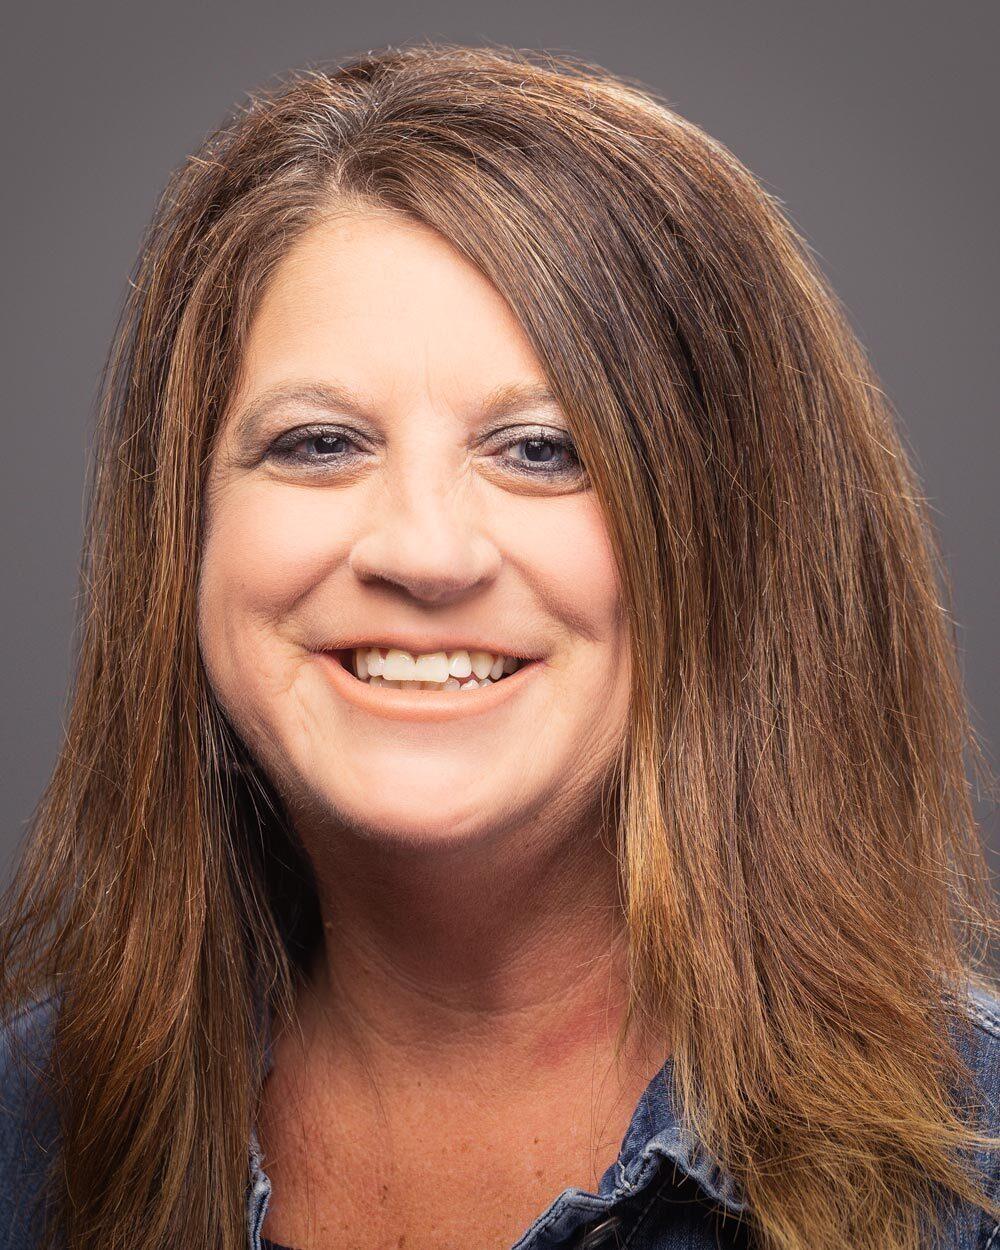 Jennifer smith 2020 1000x1250